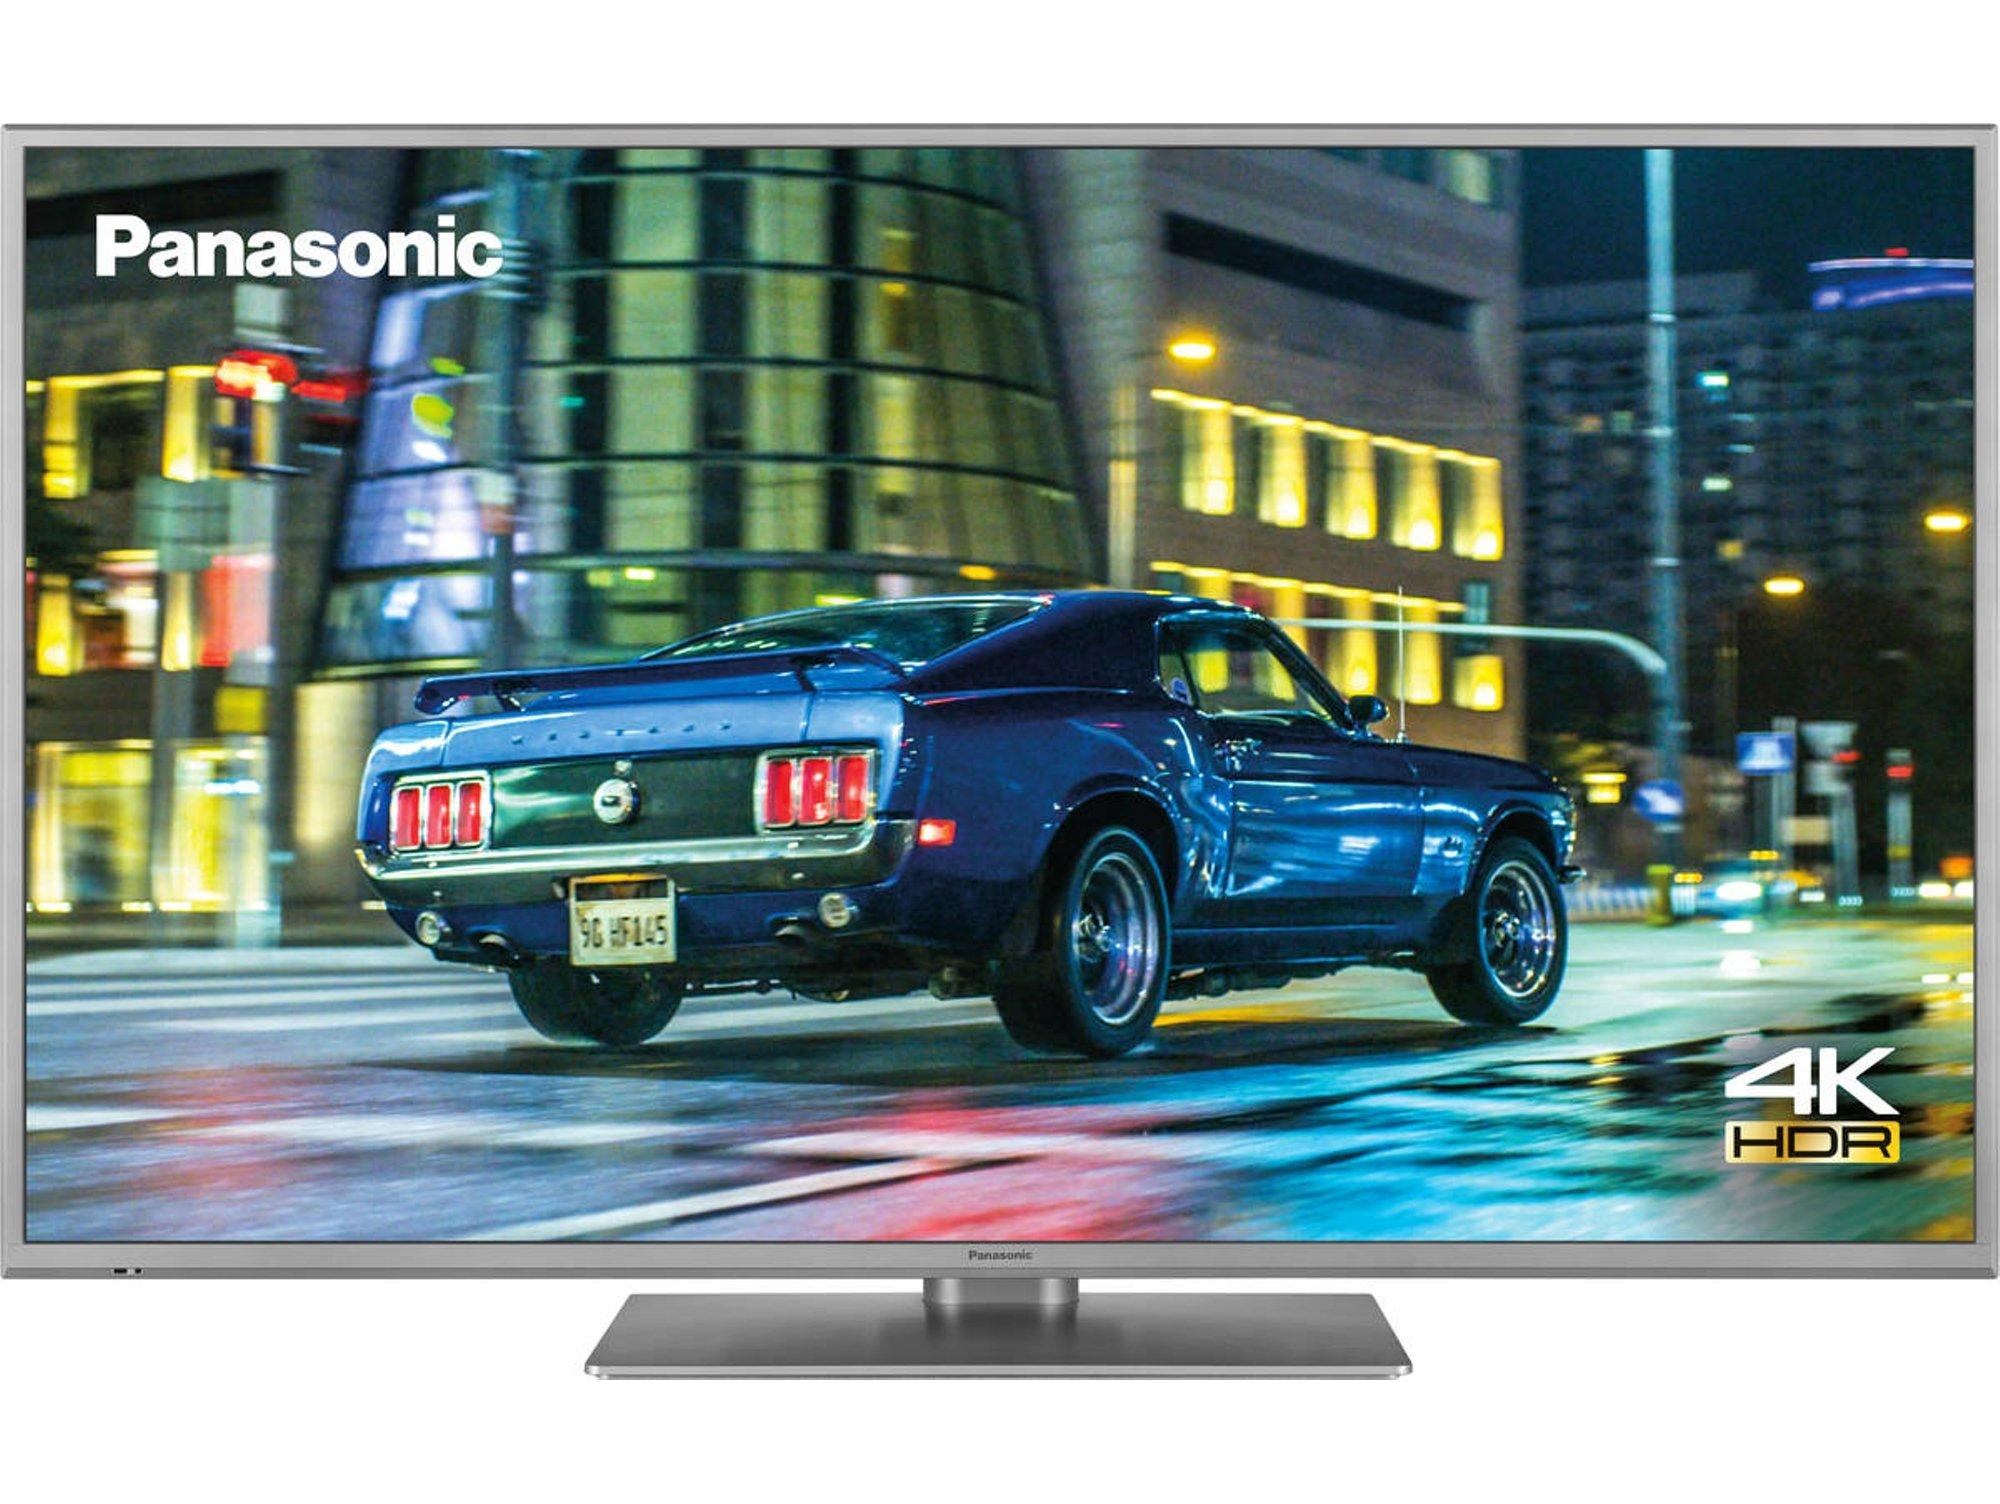 PANASONIC (LED - 43'' - 109 cm - 4K Ultra HD - Smart TV)